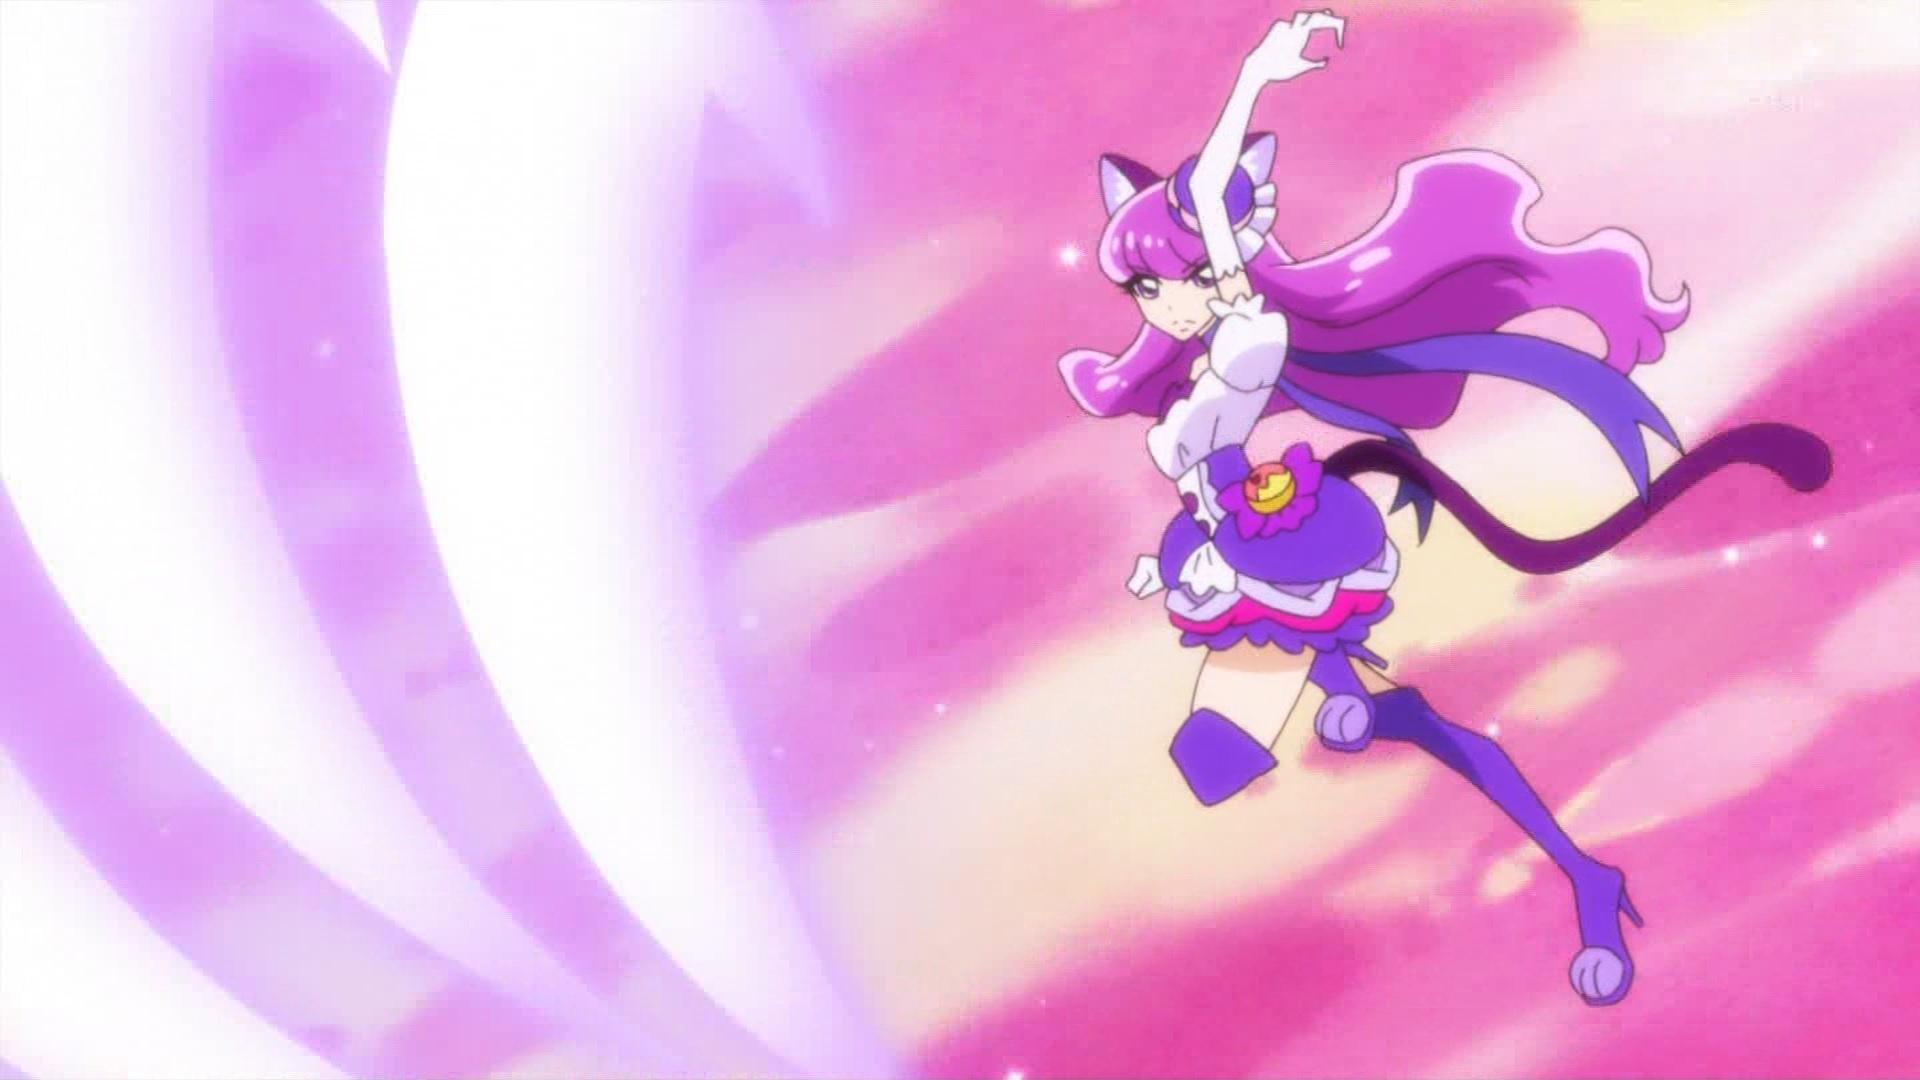 キュアマカロンの戦闘シーン(キラキラプリキュアアラモード5話)